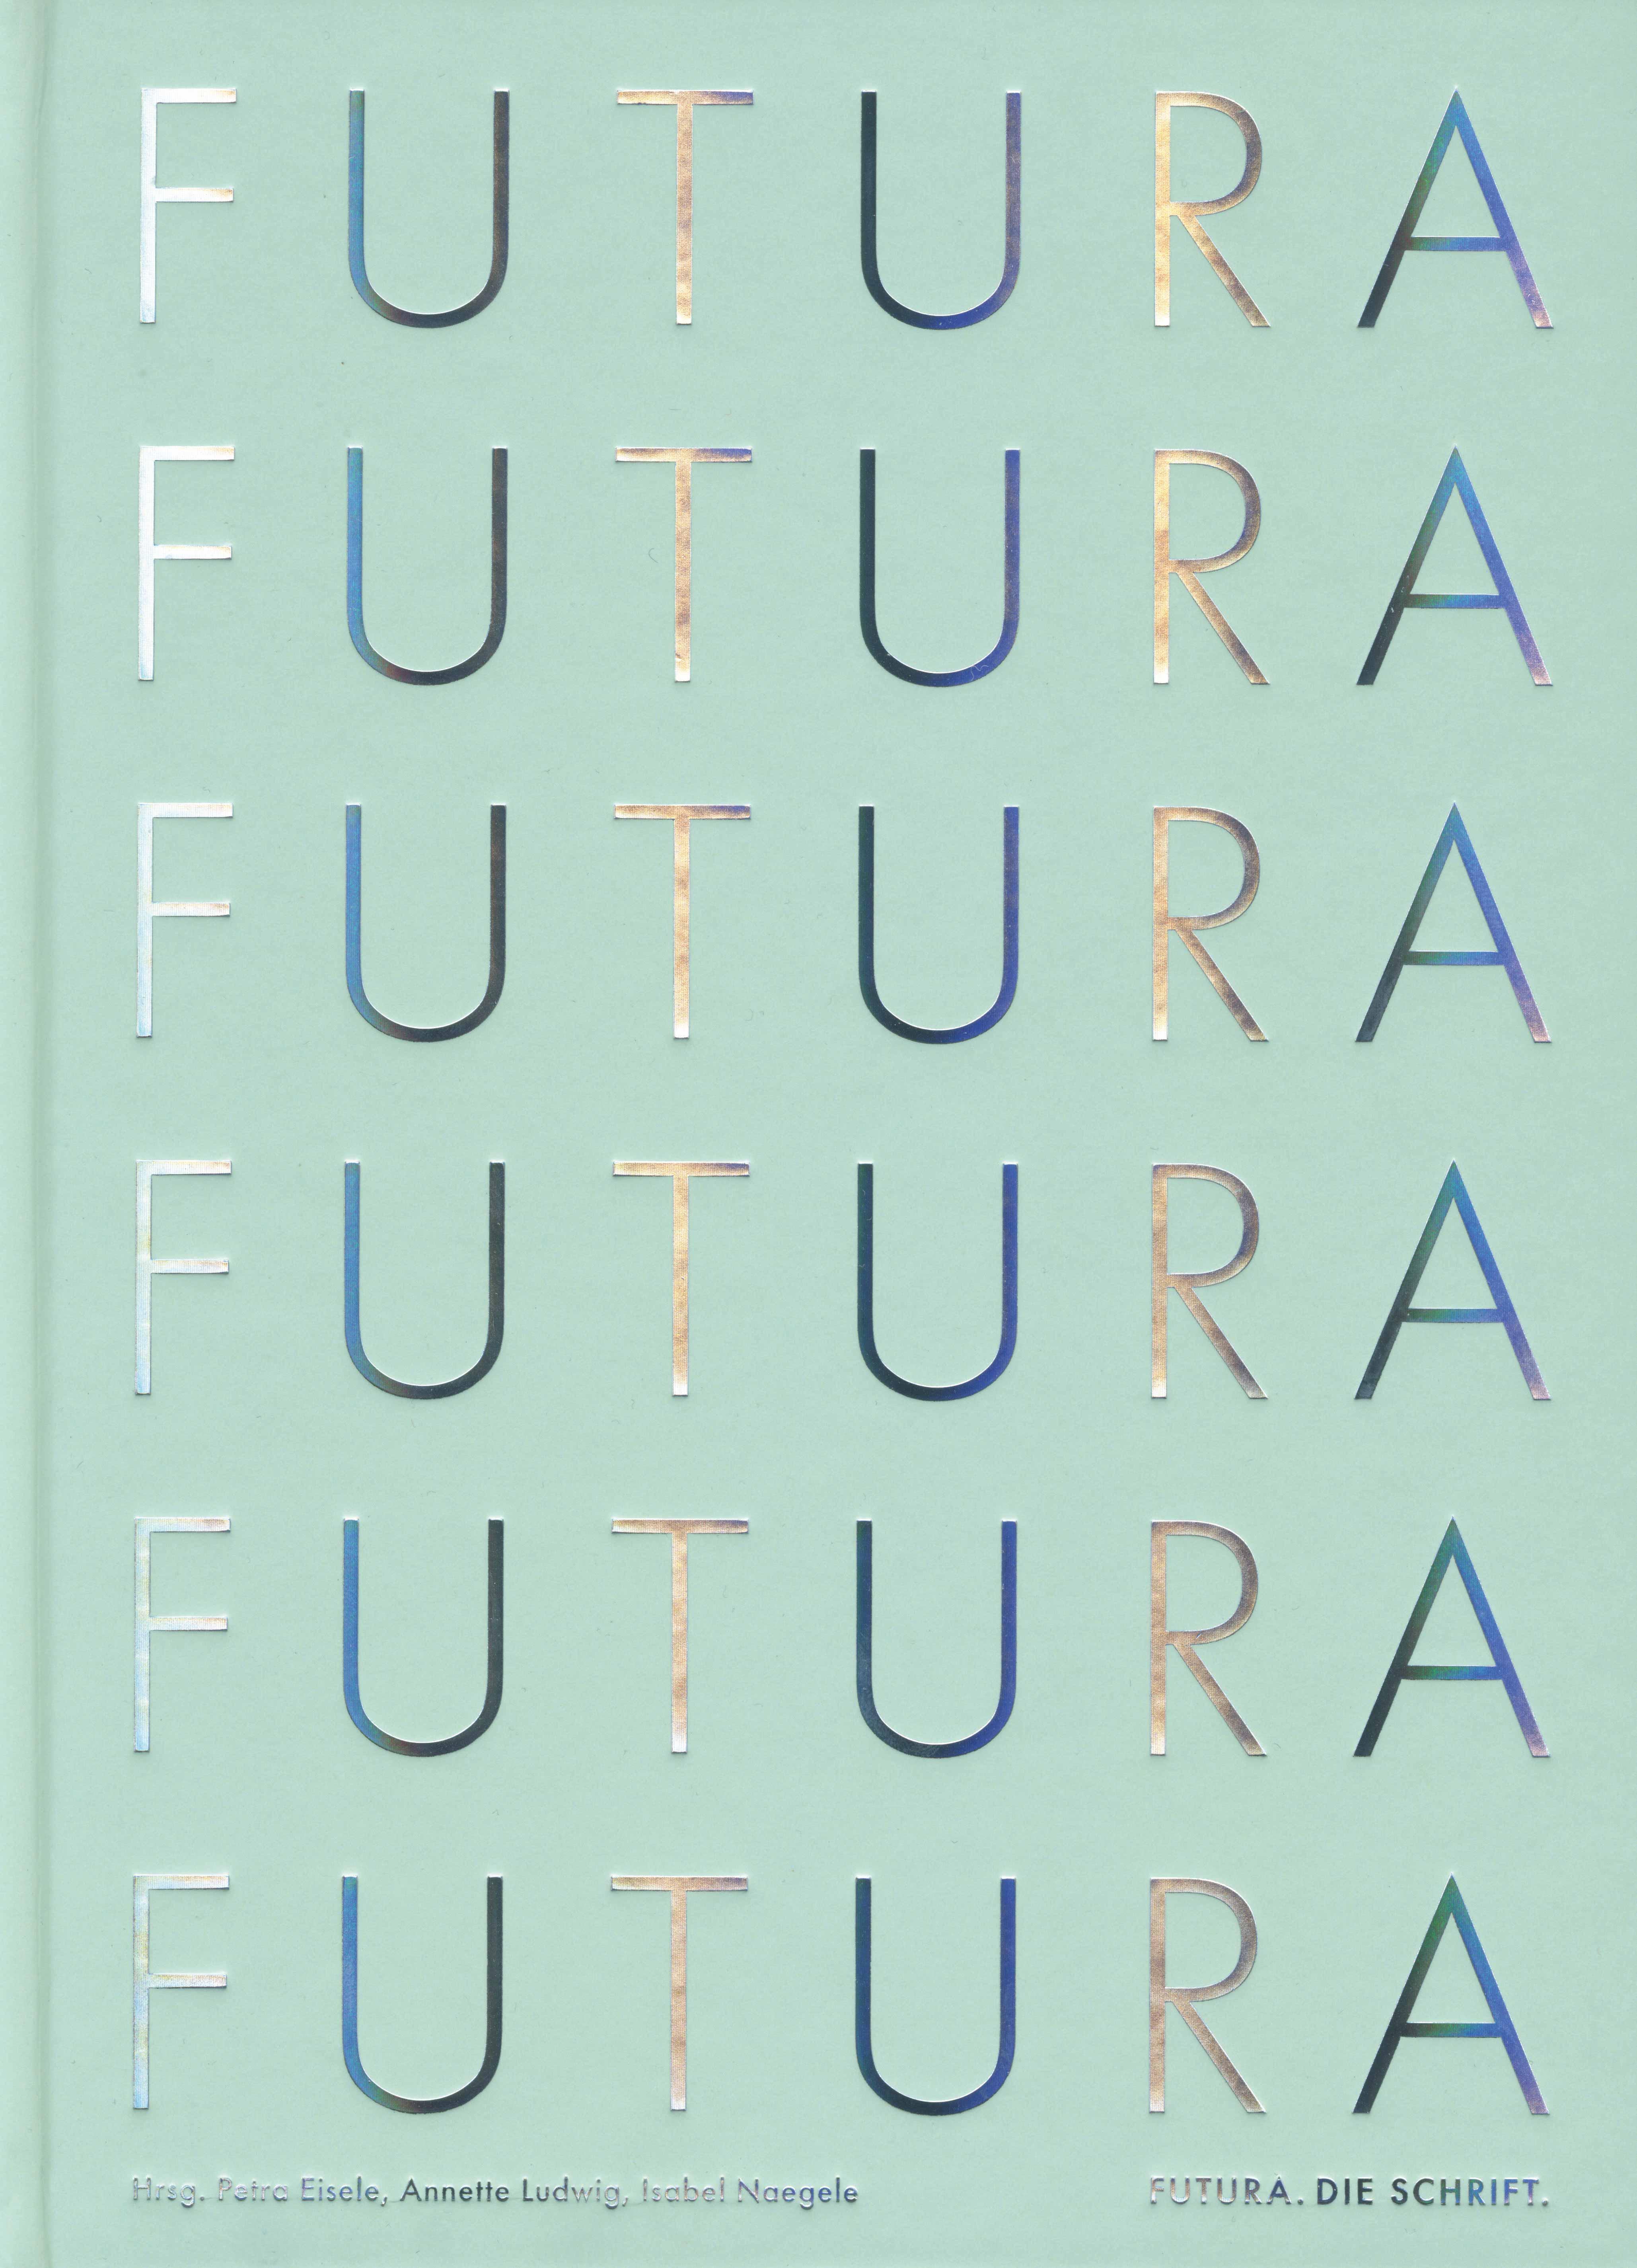 FUTURA. DIE SCHRIFT